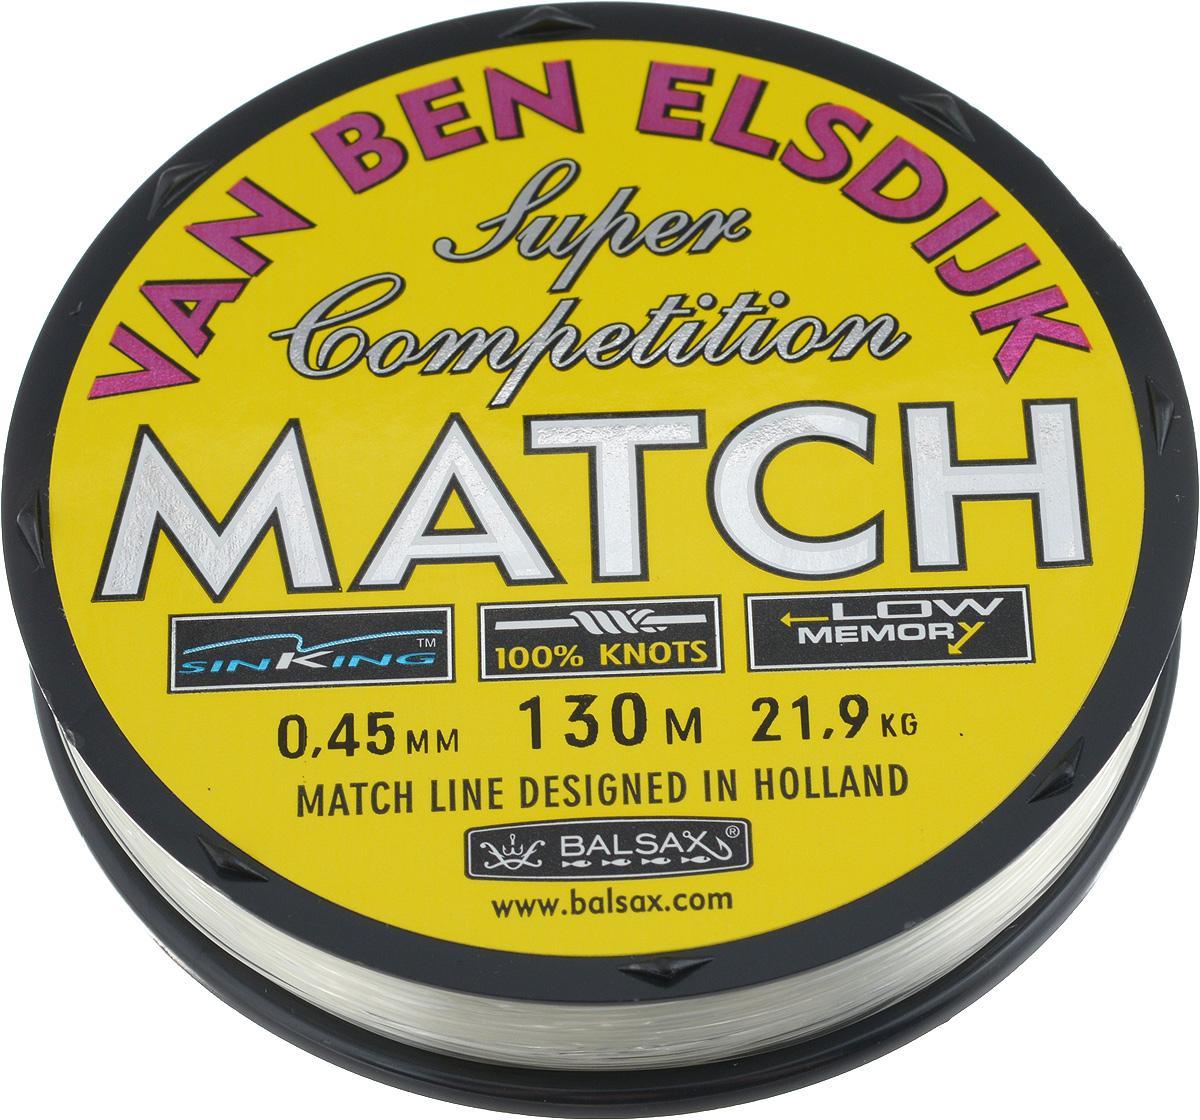 Леска Balsax Match VBE, 130 м, 0,45 мм, 21,9 кг304-10045Опытным спортсменам, участвующим в соревнованиях, нужна надежная леска, в которой можно быть уверенным в любой ситуации. Леска Balsax Match VBE отличается замечательной прочностью на узле и высокой сопротивляемостью к истиранию. Она была проверена на склонность к остаточным деформациям, чтобы убедиться в том, что она обладает наиболее подходящей растяжимостью, отвечая самым строгим требованиям рыболовов. Такая леска отлично подходит как для спортивного, так и для любительского рыболовства.